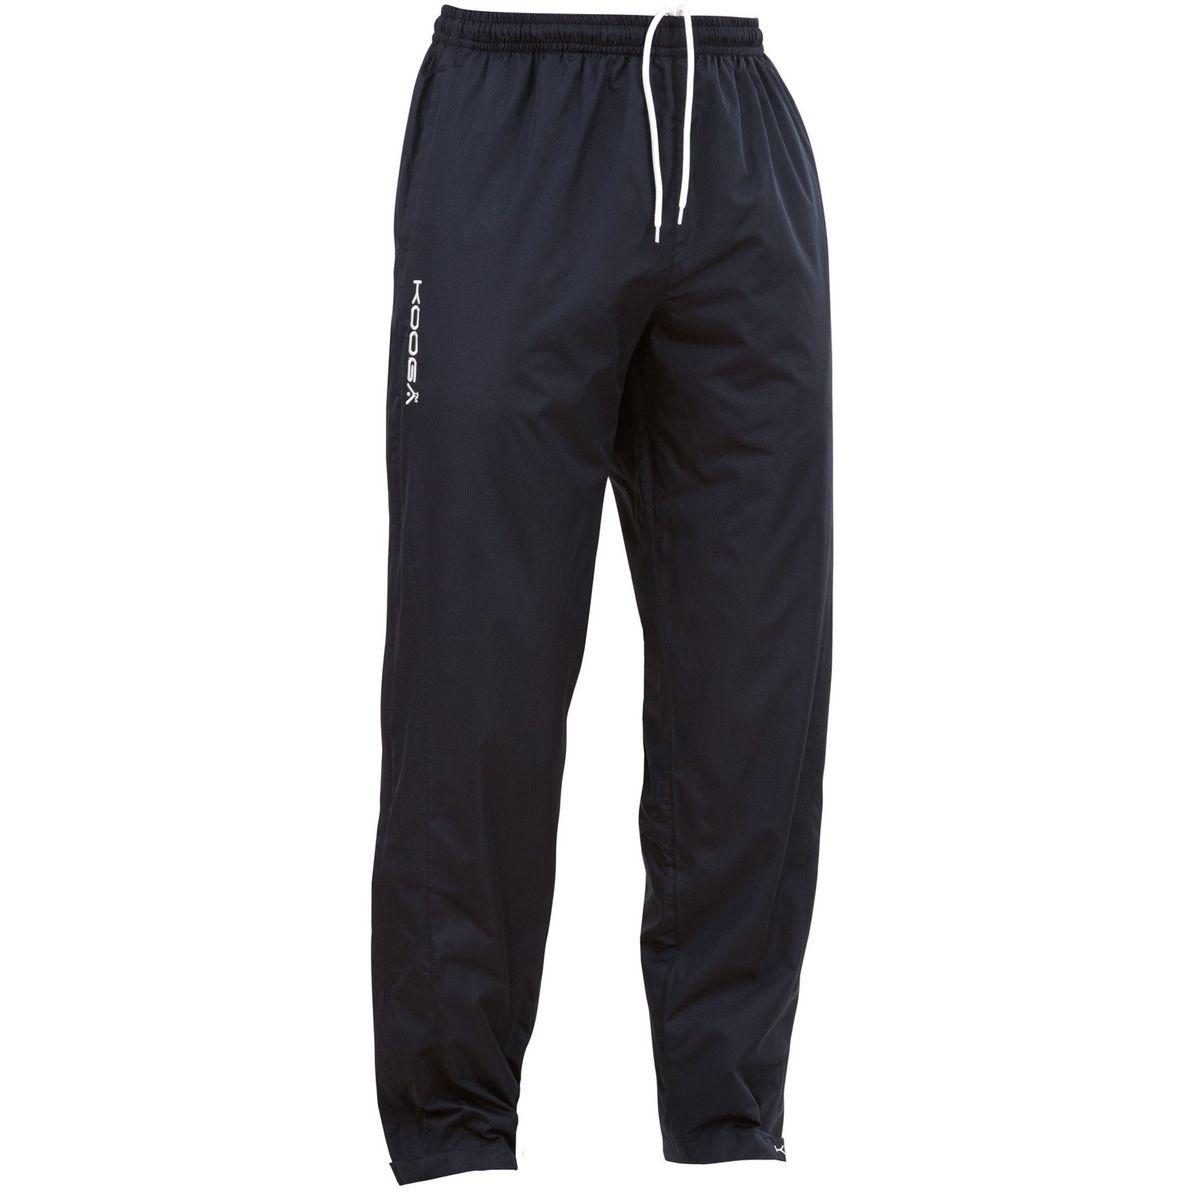 Pantalon de sport ELITE